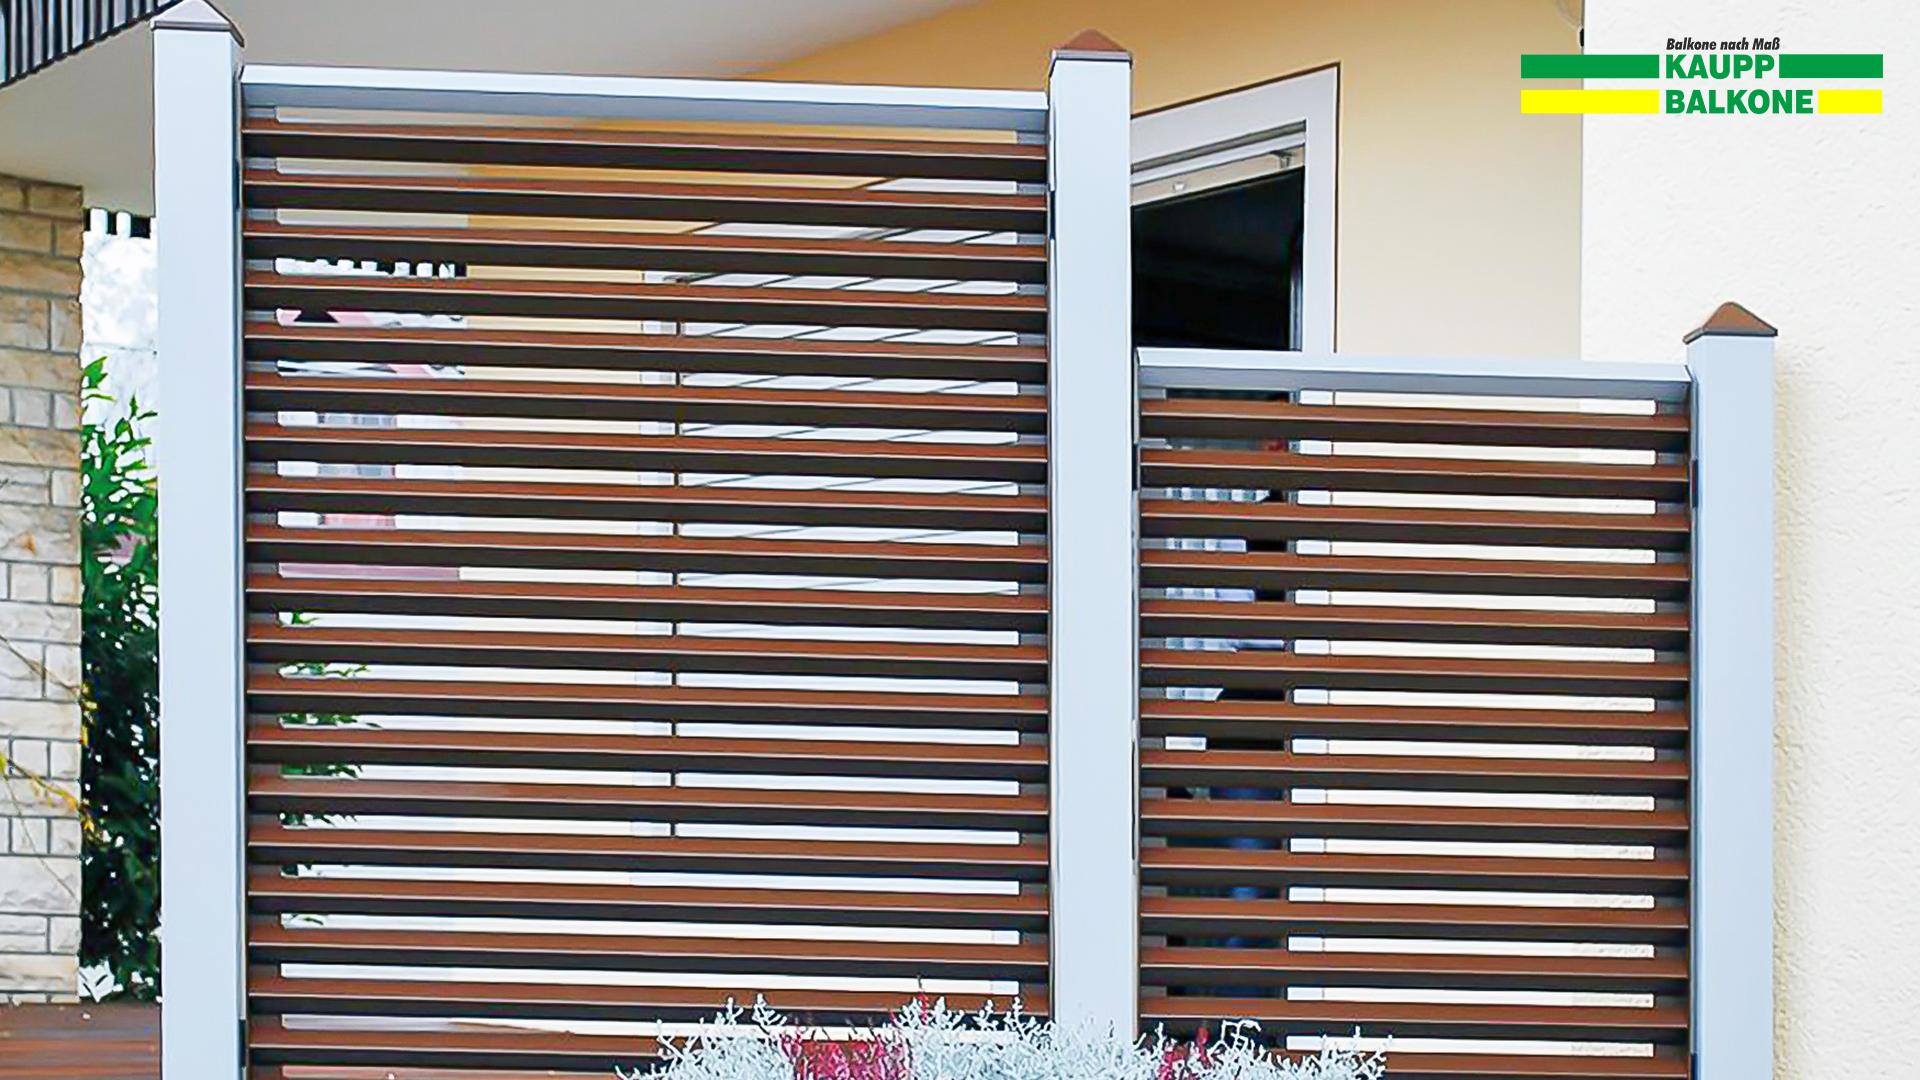 Full Size of Sichtschutz Holz Modern Alu Pulverbeschichtet Esstisch Esstische Küche Weiß Betten Aus Holzbrett Moderne Bilder Fürs Wohnzimmer Holzplatte Bett Wohnzimmer Sichtschutz Holz Modern